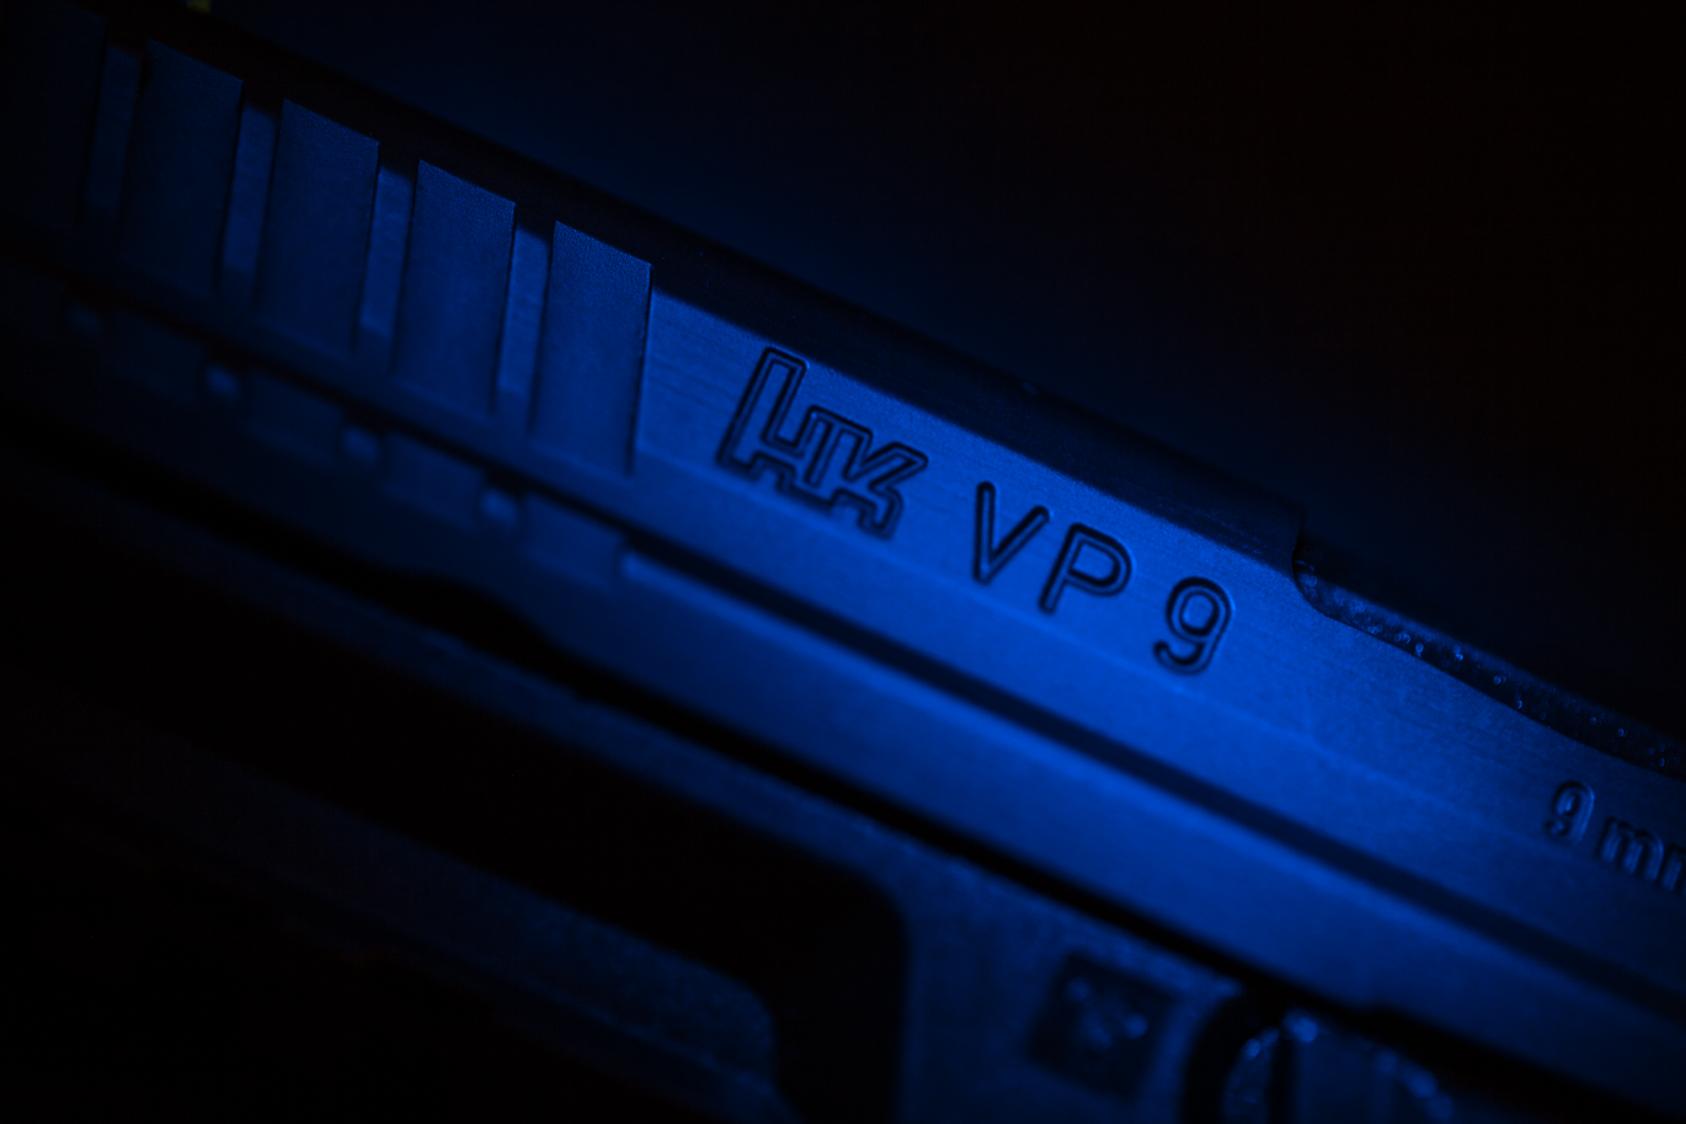 VP9 in blue